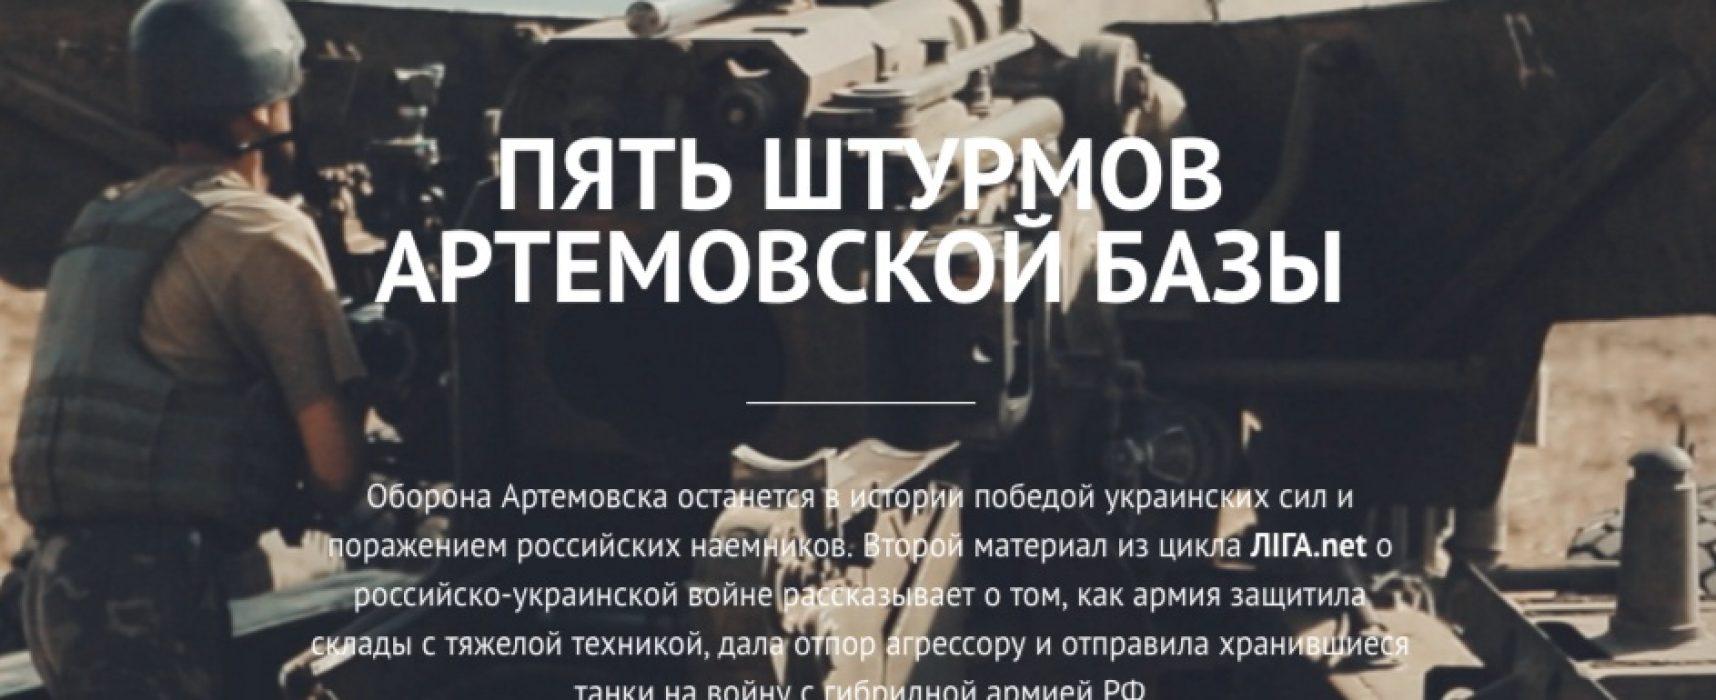 """Фейк: Вооружения так называемых """"ДНР"""" и """"ЛНР"""" – захваченные трофеи"""